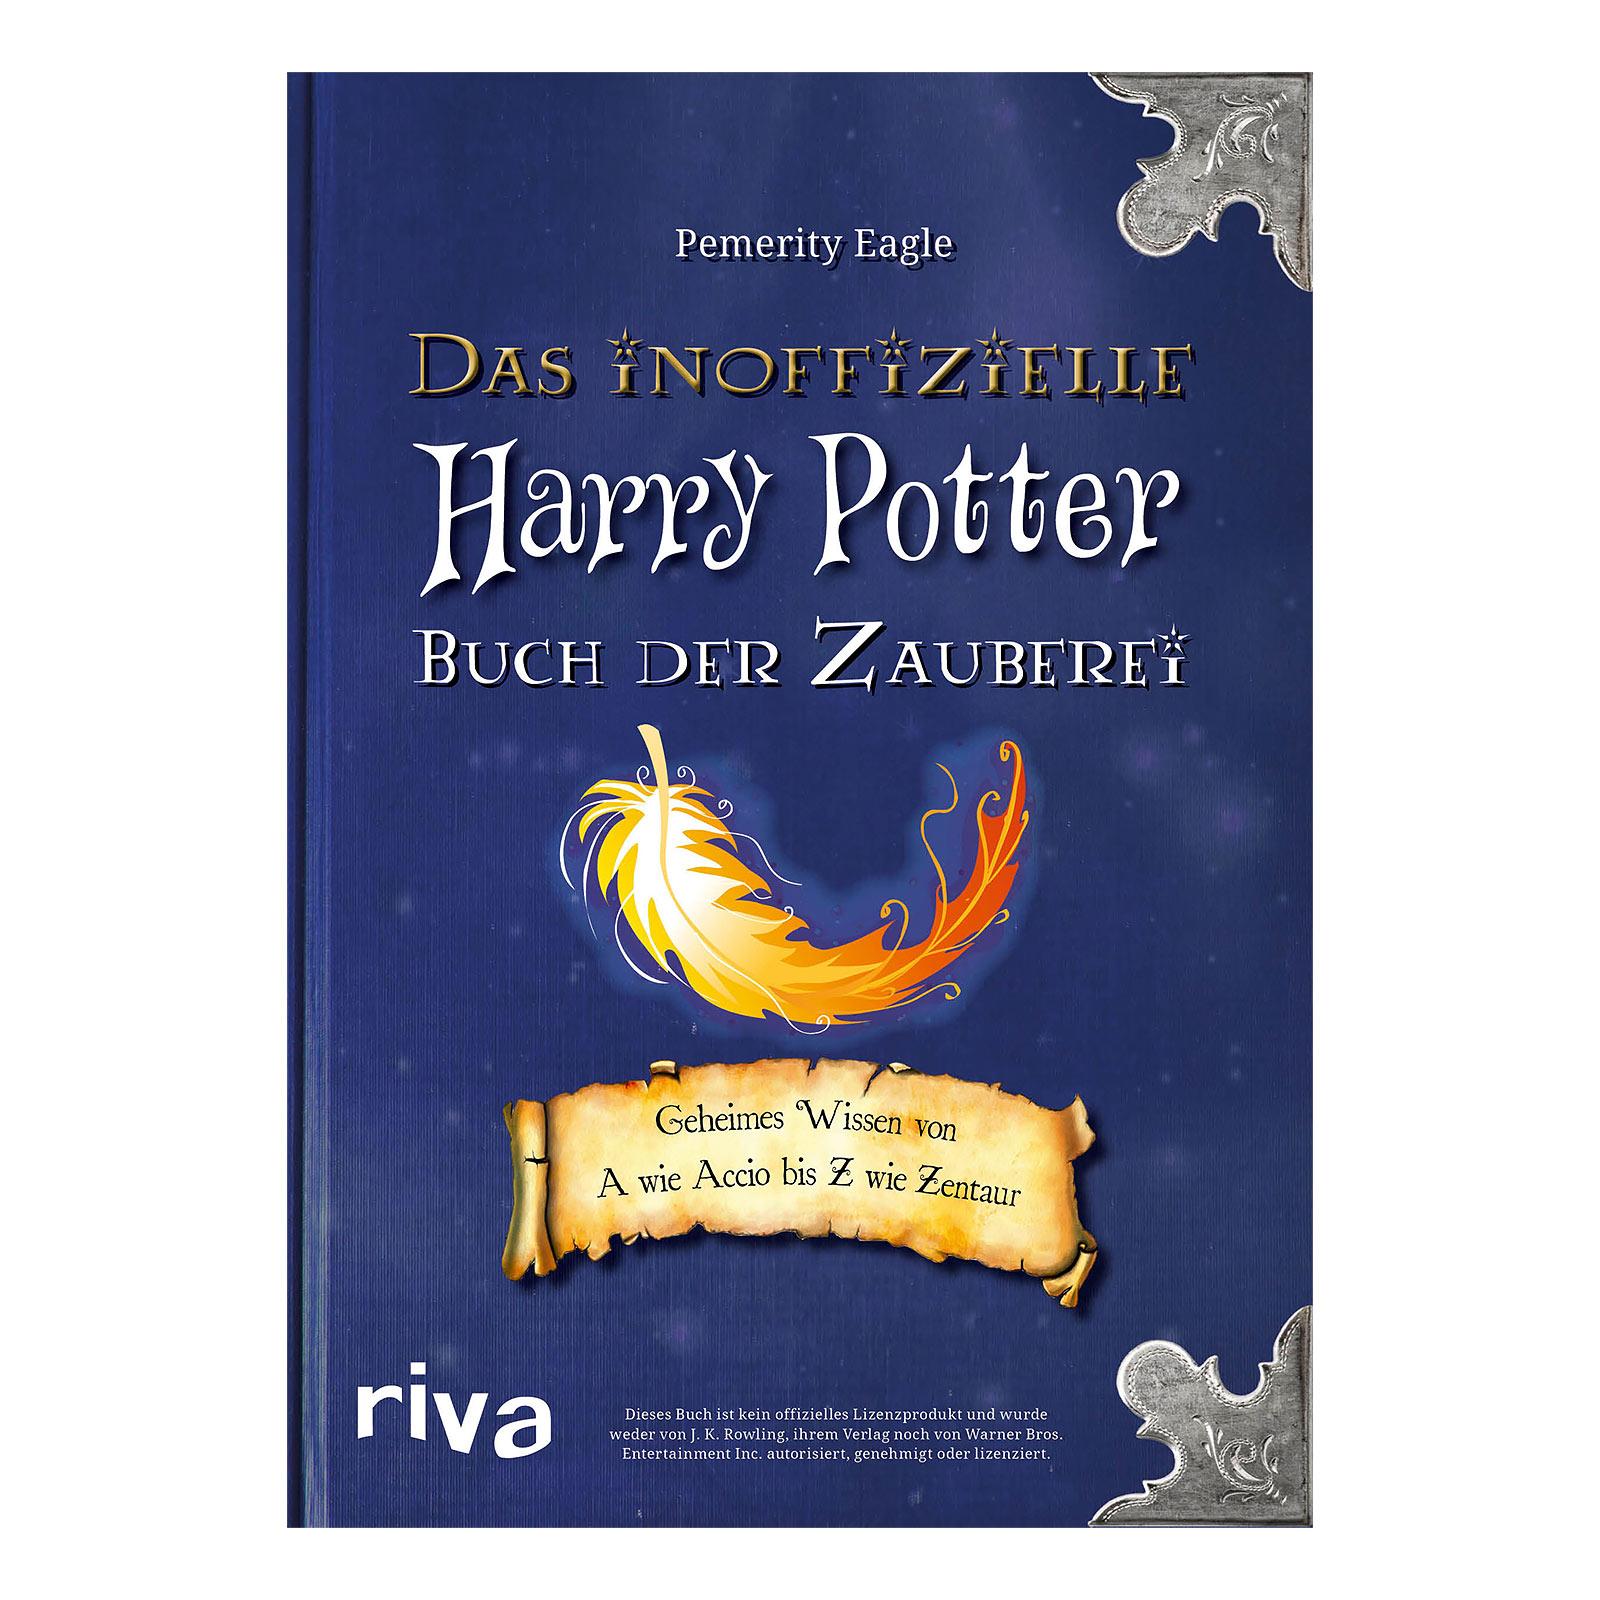 Harry Potter - Das inoffizielle Buch der Zauberei